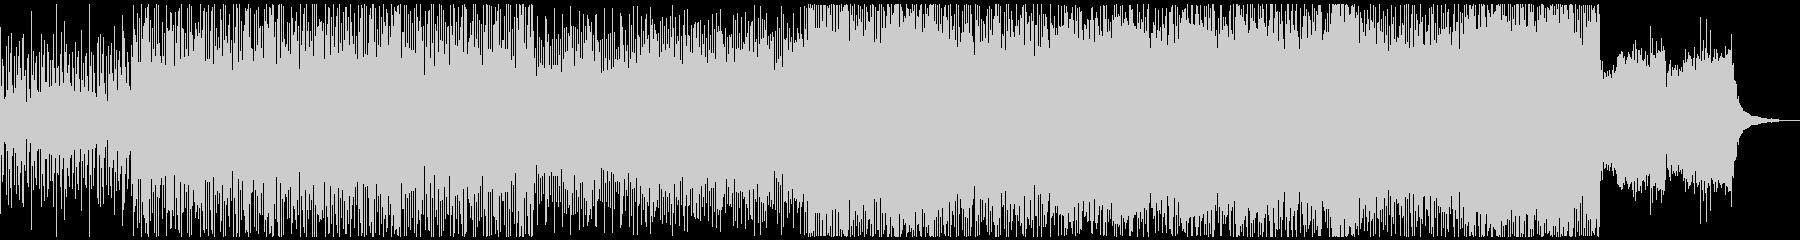 疾走するビート、重厚なシンセ音の未再生の波形